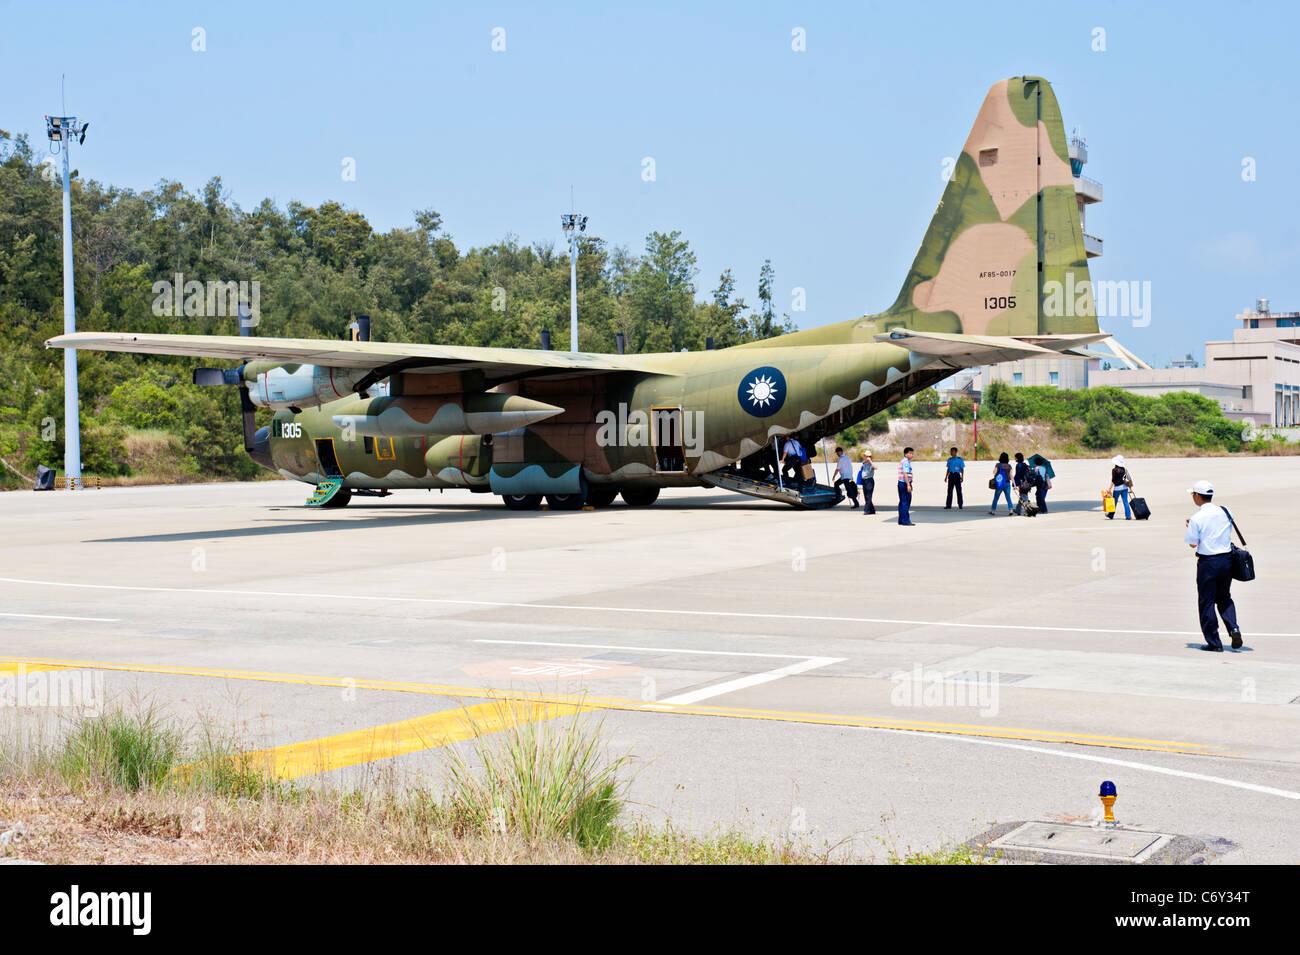 Lockheed C-130 Hercules military transport aircraft, Kinmen, Taiwan - Stock Image